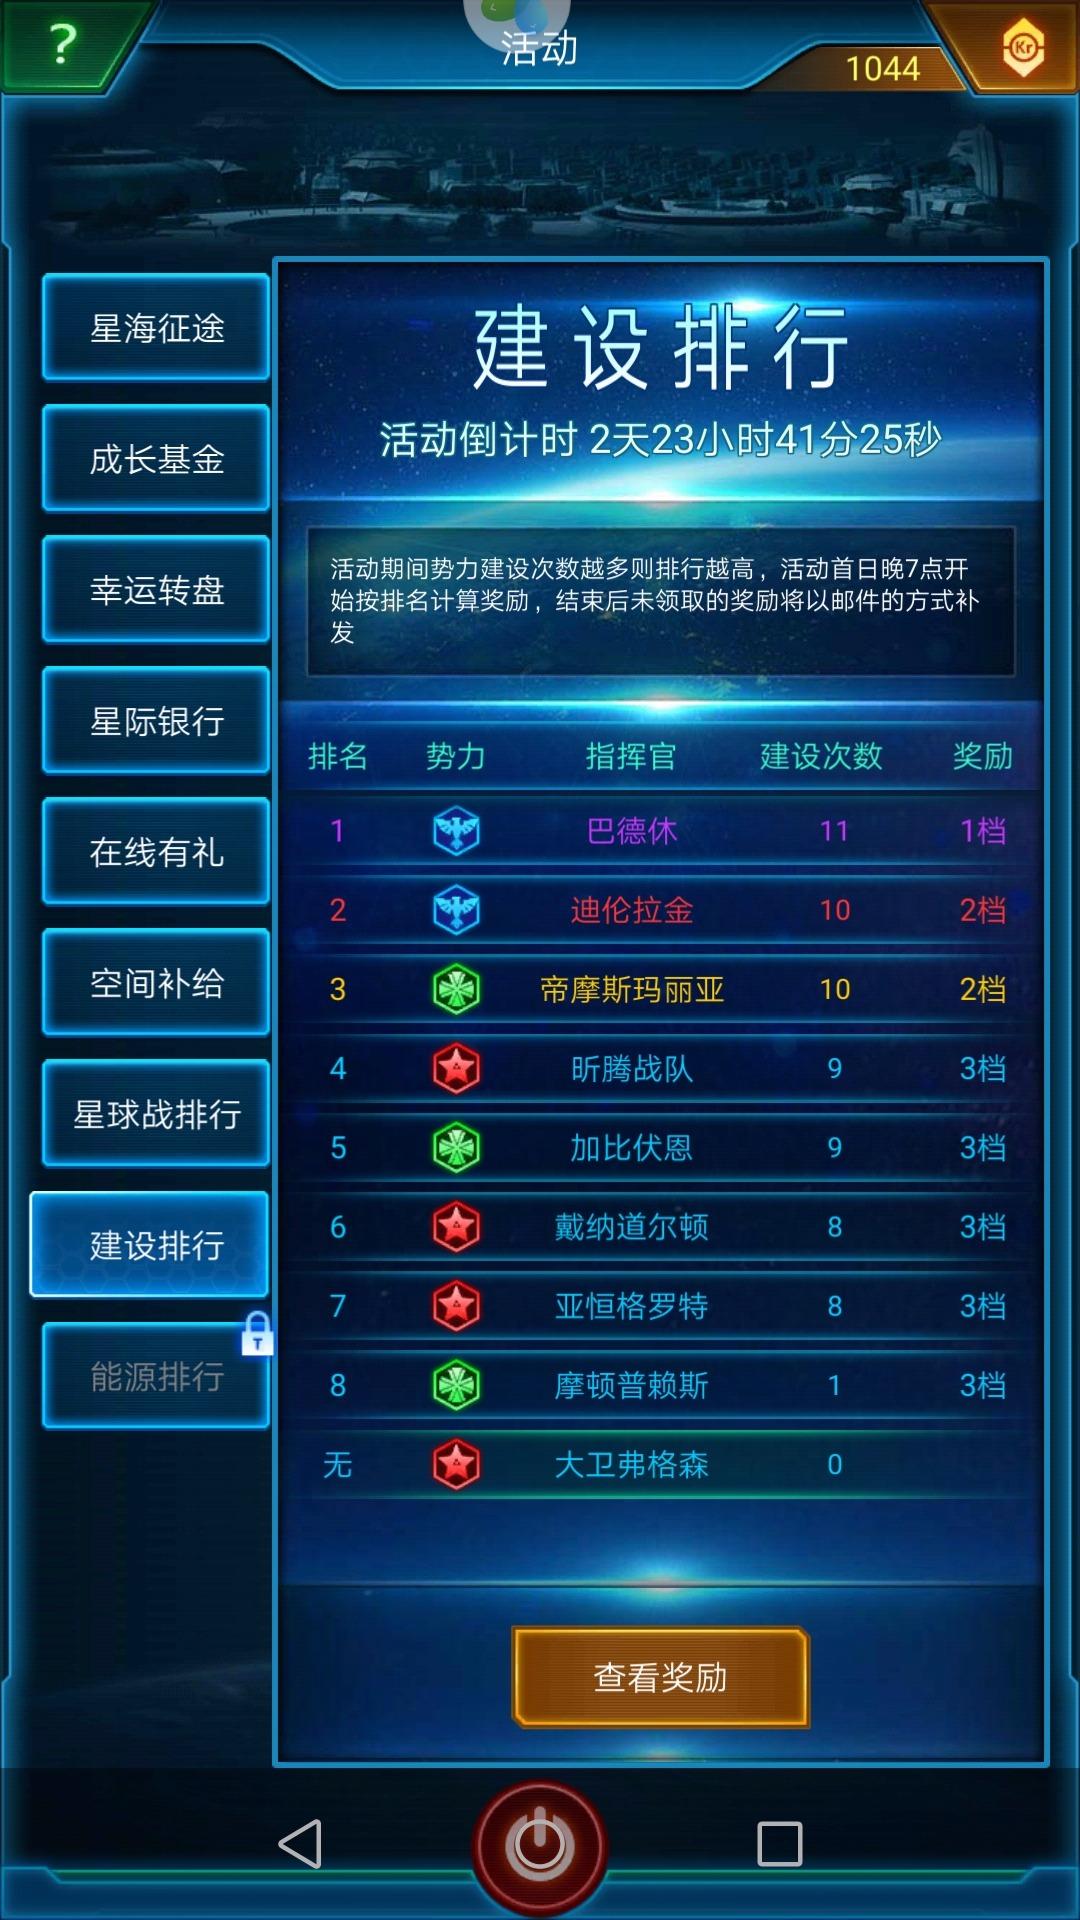 Screenshot_20181213-001736.jpg